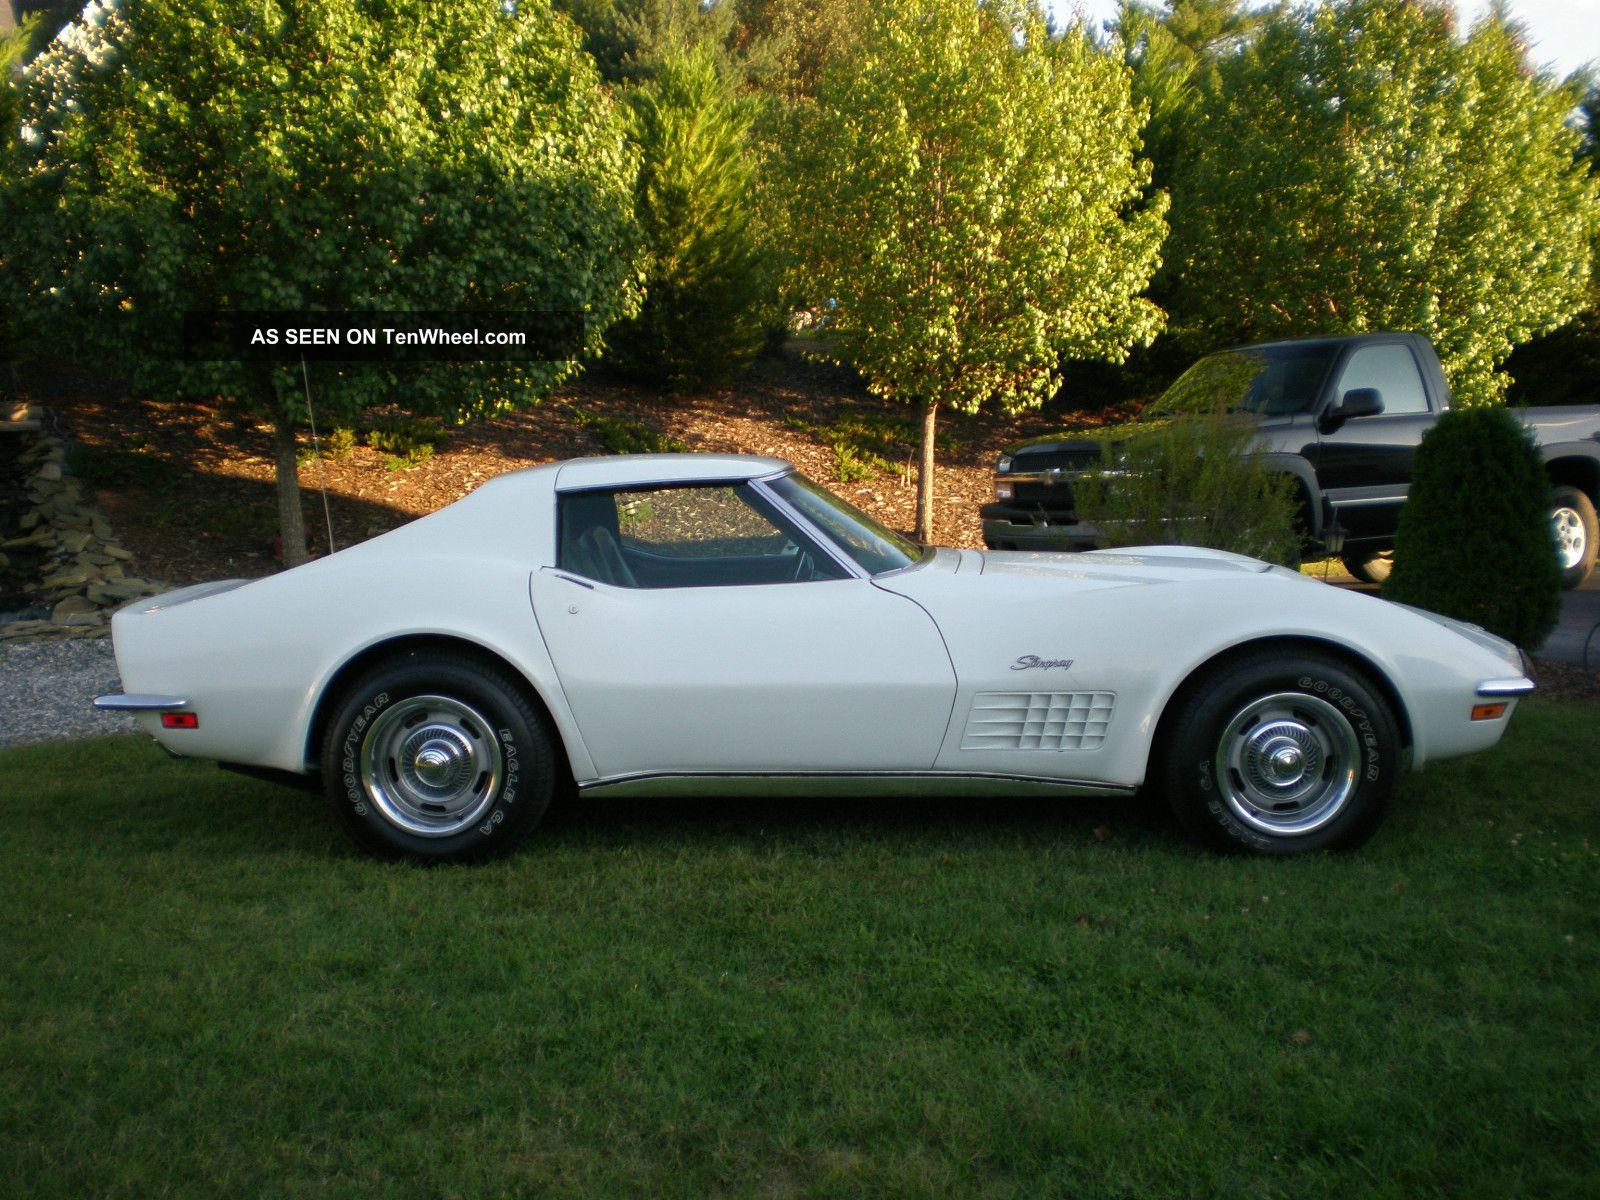 1970 Chevrolet Corvette Stingray Corvette photo